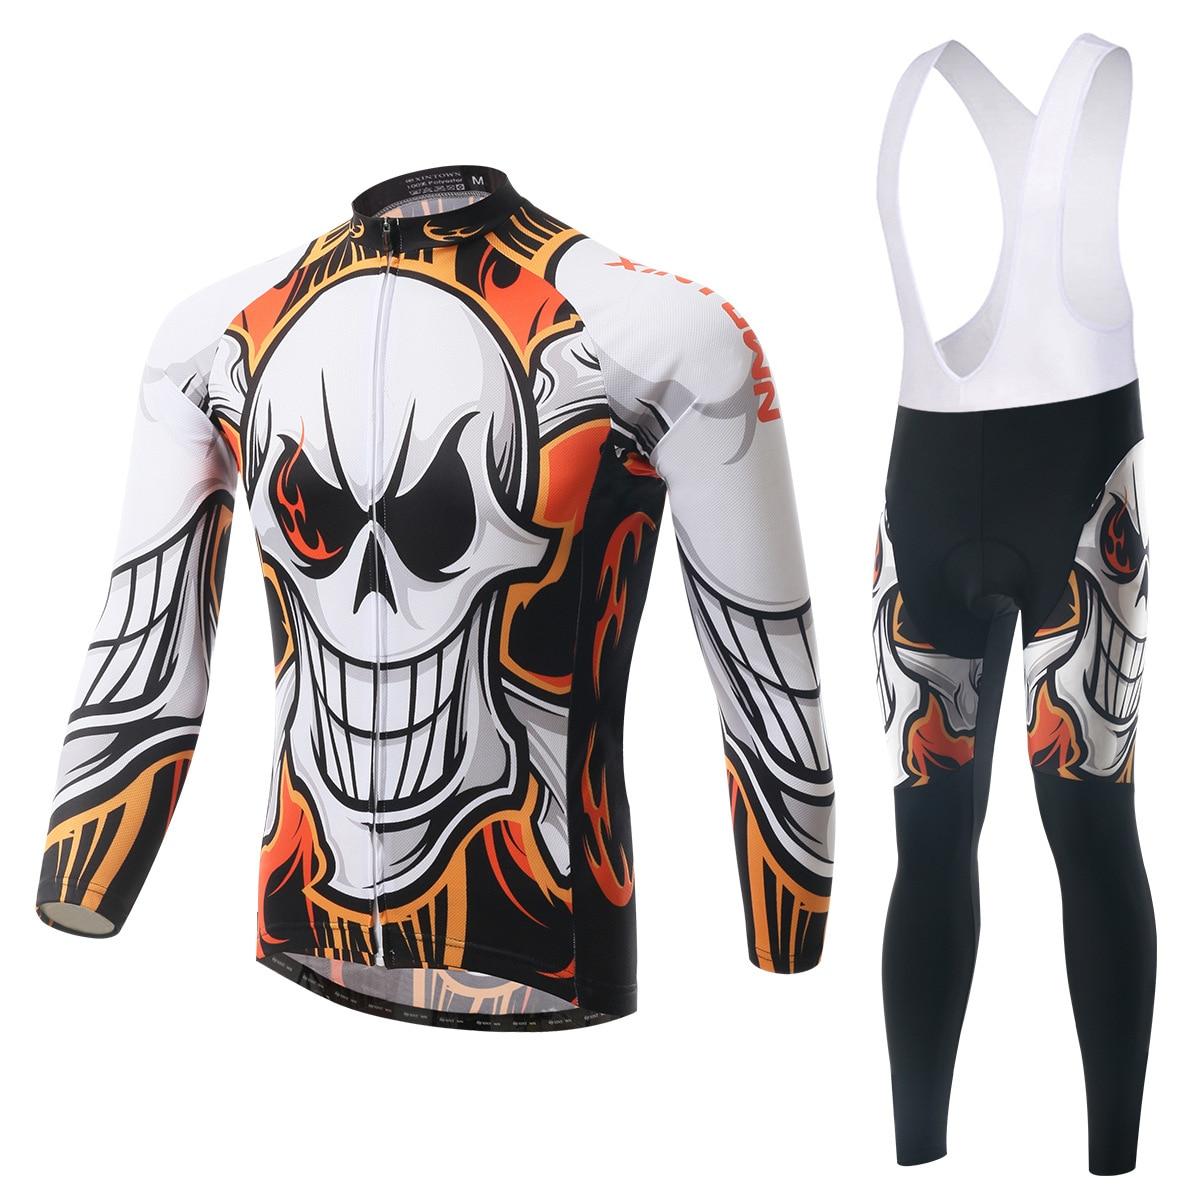 Ensemble cyclisme manches longues Jersey et bavoir pantalon 3D Pad Pro hommes Anti-sueur crâne Cool Ciclismo vélo costume Bicicleta extérieur vtt ensemble